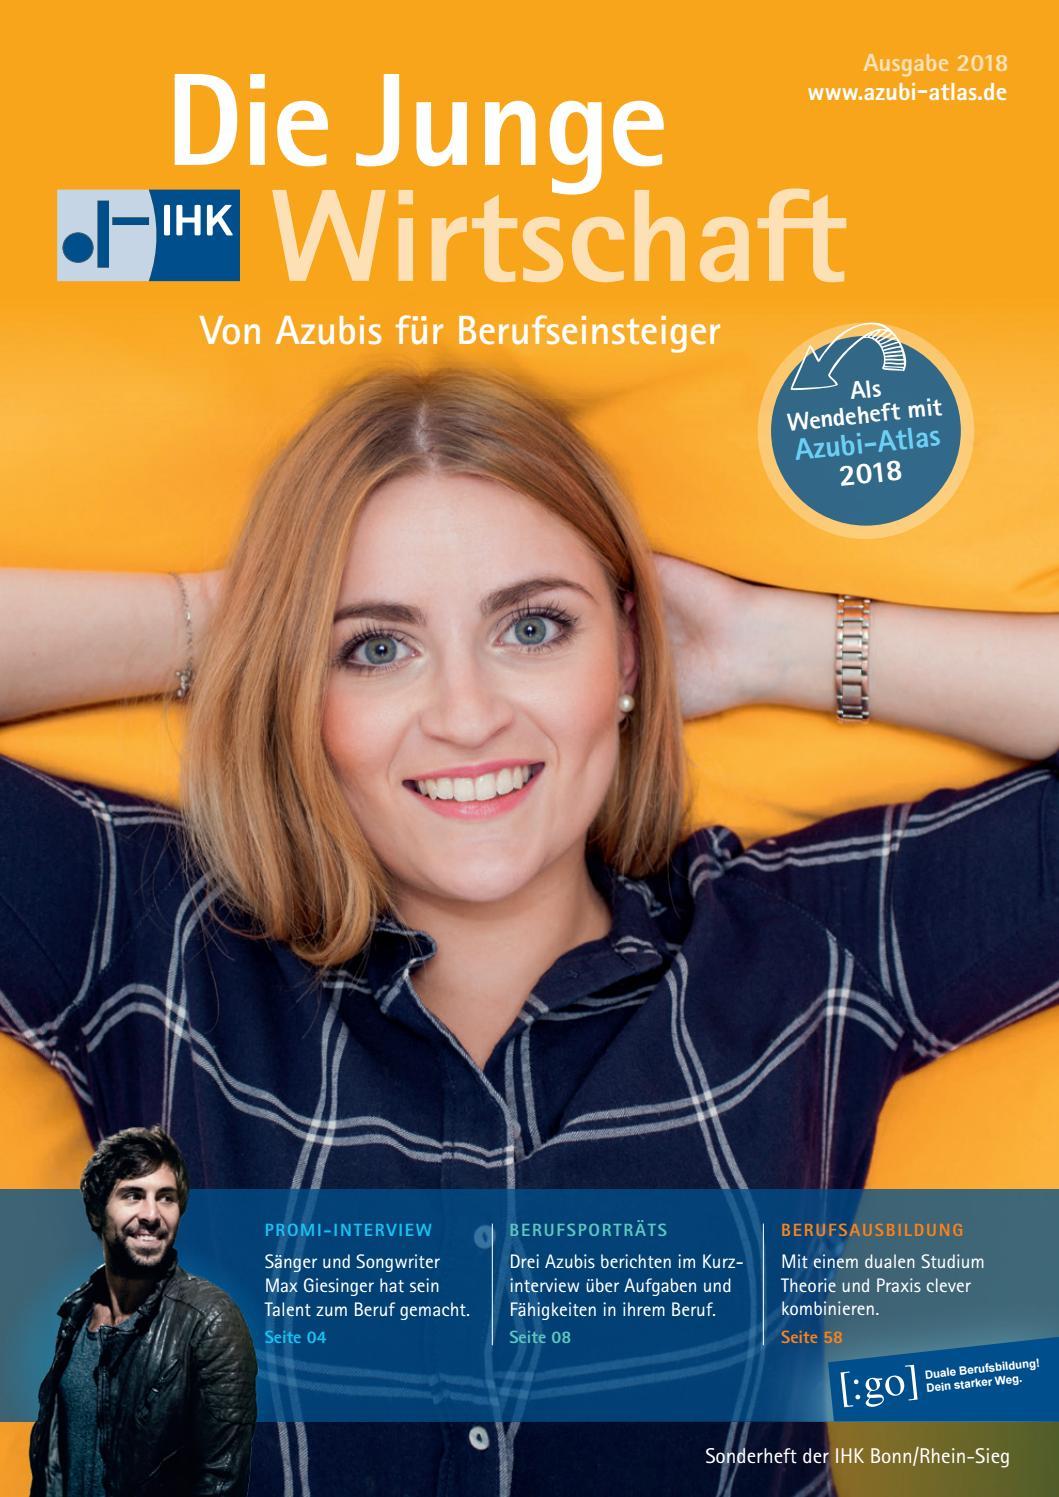 IHK.Die Junge Wirtschaft Bonn/Rhein-Sieg 2018/19 by Patrick Schaab - issuu